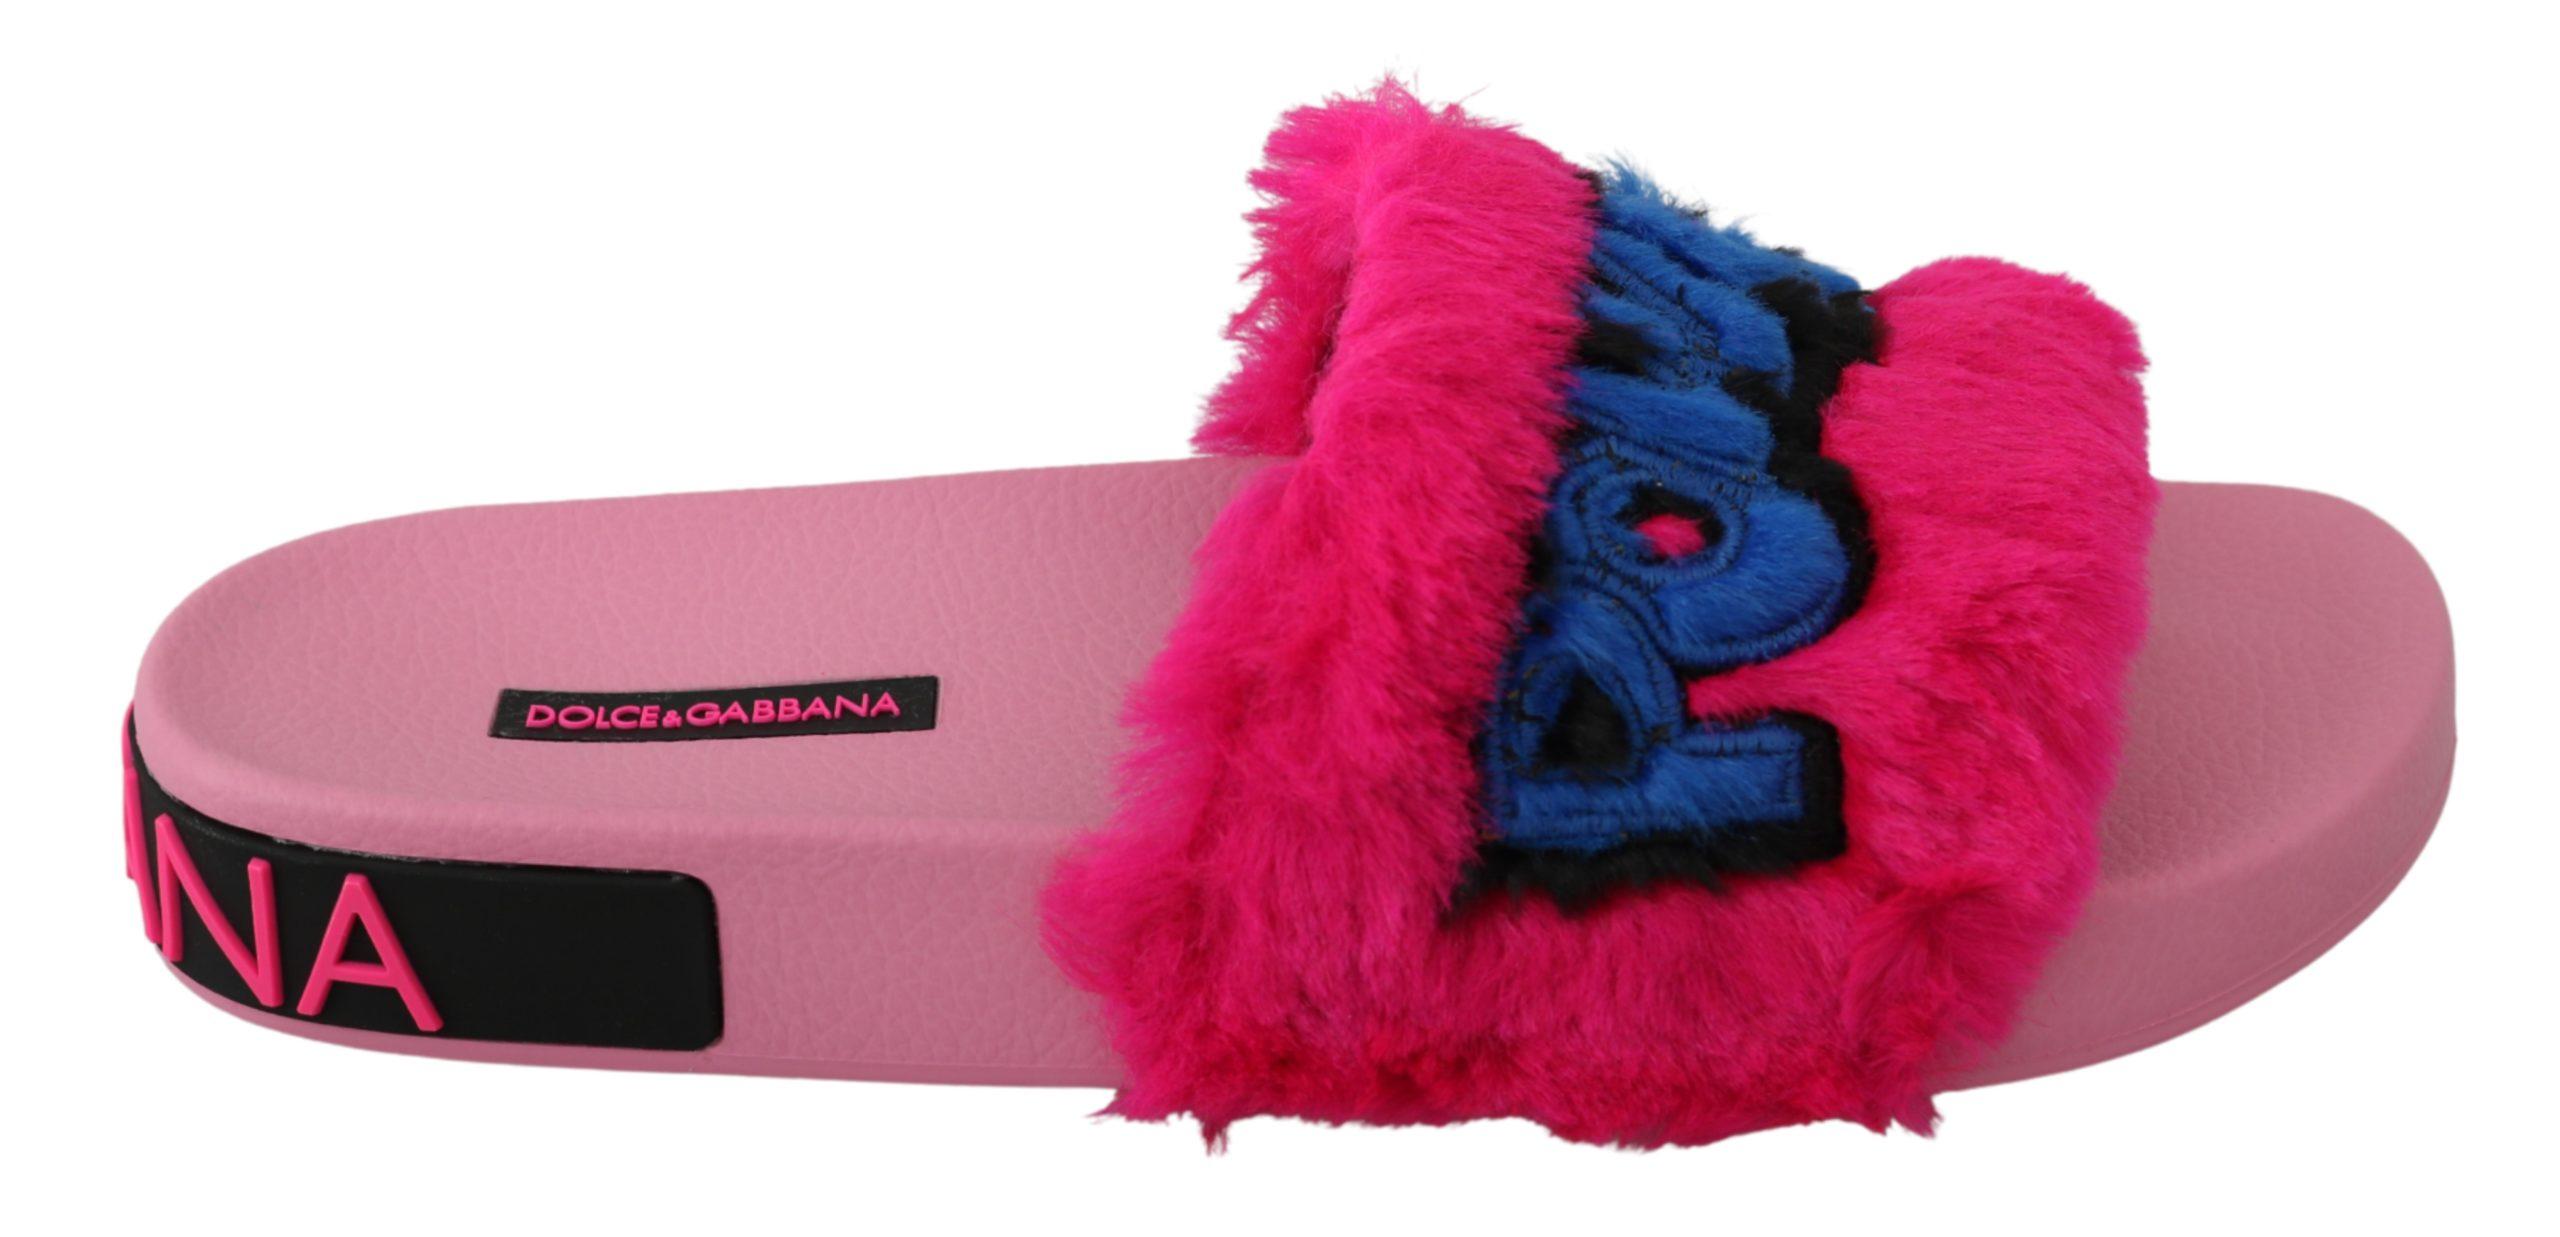 Dolce & Gabbana Women's Beachwear Slides Sandal Pink LA6571 - EU36/US5.5